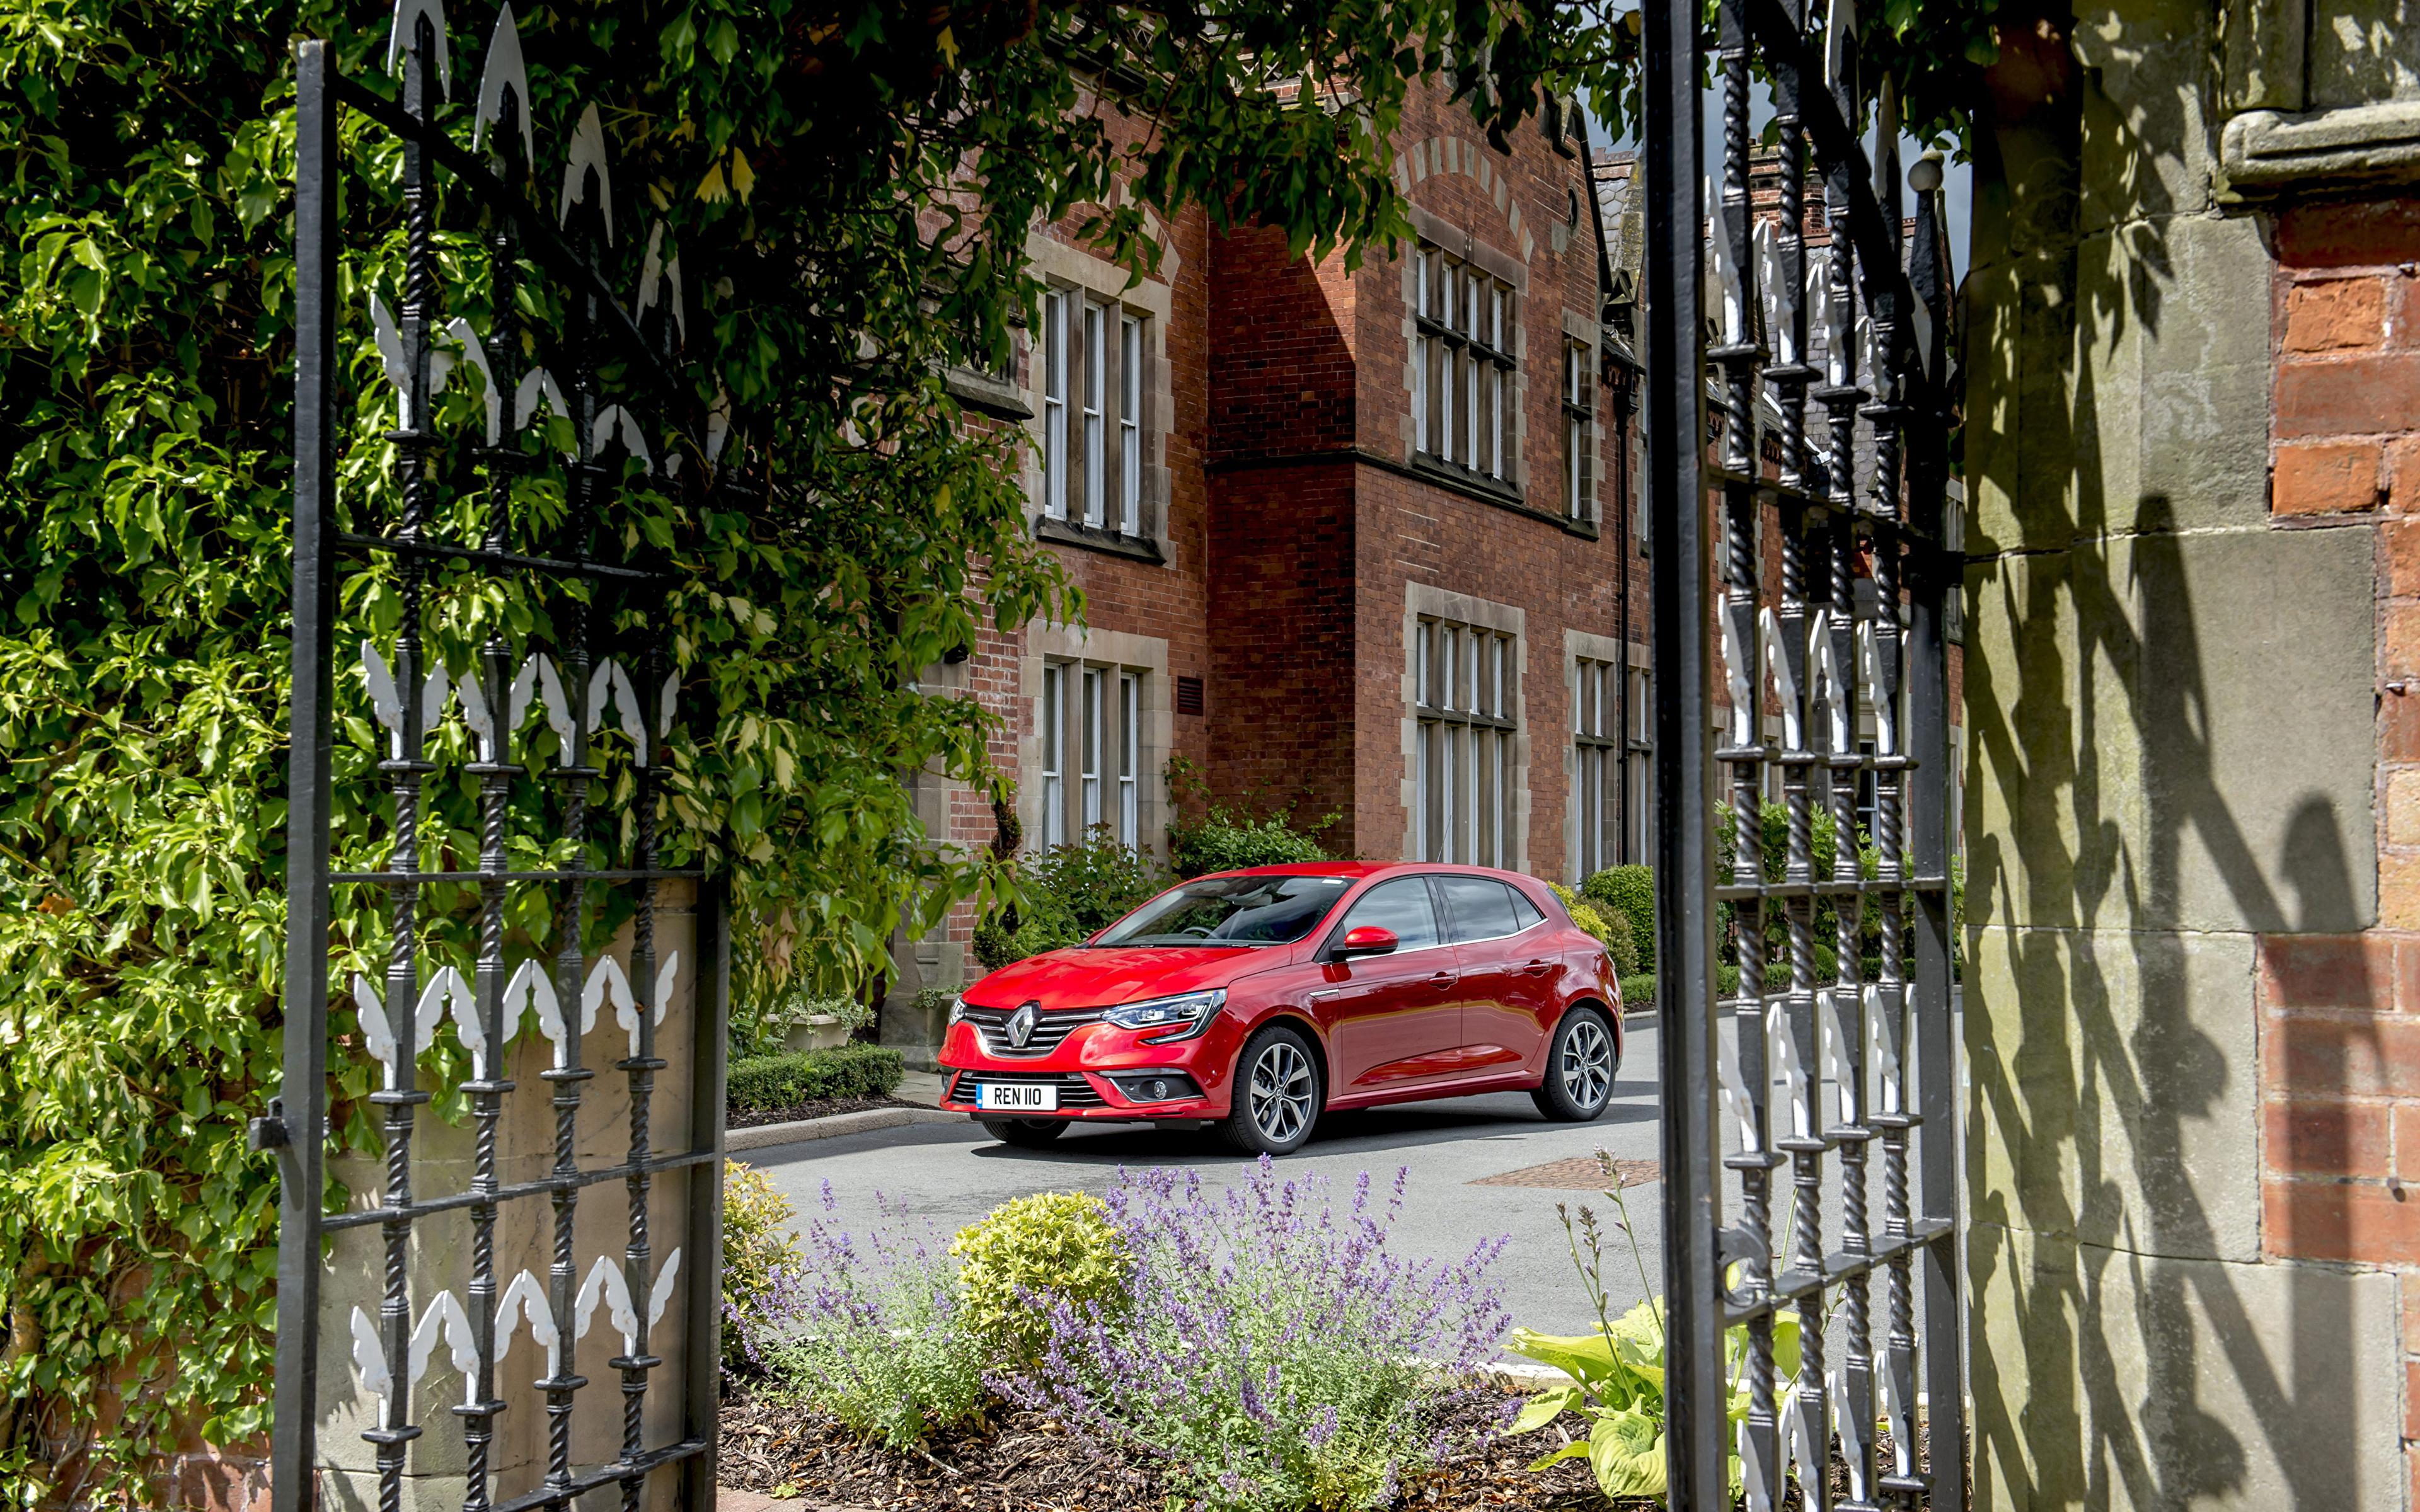 Фото Renault 2016 Megane GT Line красные Металлик Автомобили 3840x2400 Рено красных Красный красная авто машина машины автомобиль